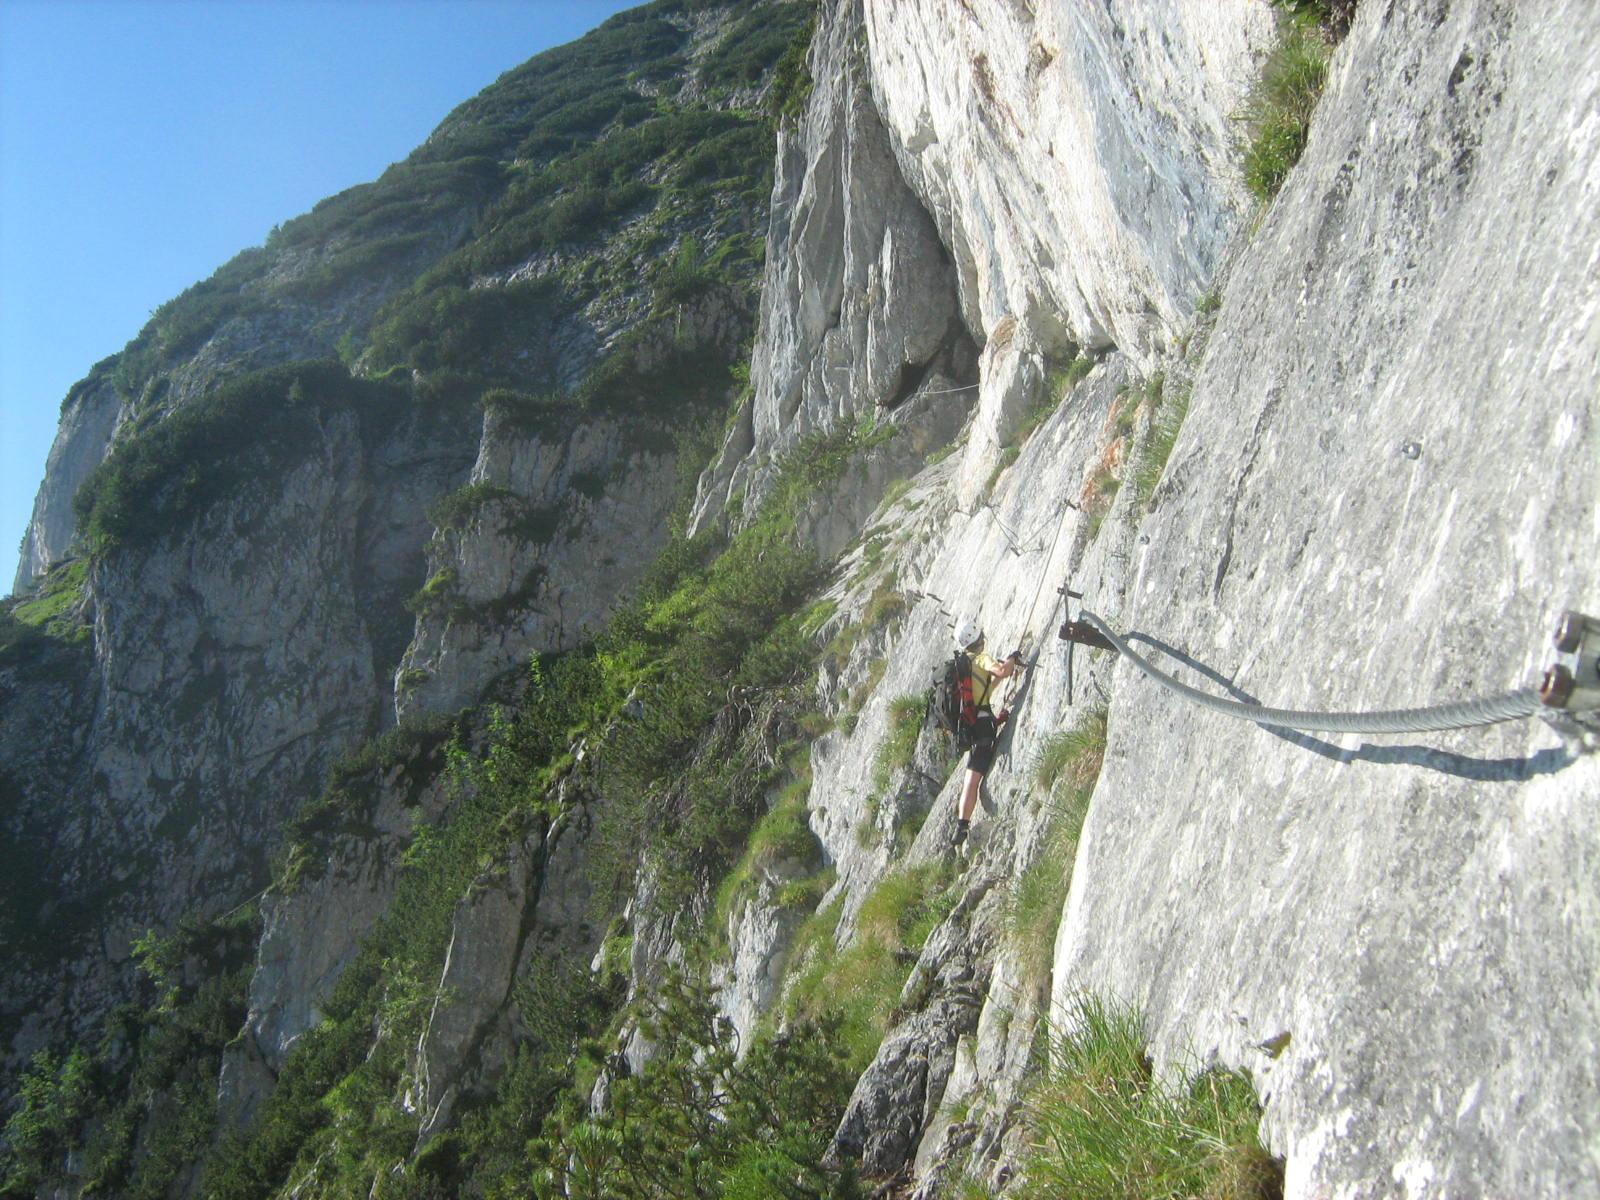 Klettersteig Wachau : Großer donnerkogel m intersport klettersteig d mein erster